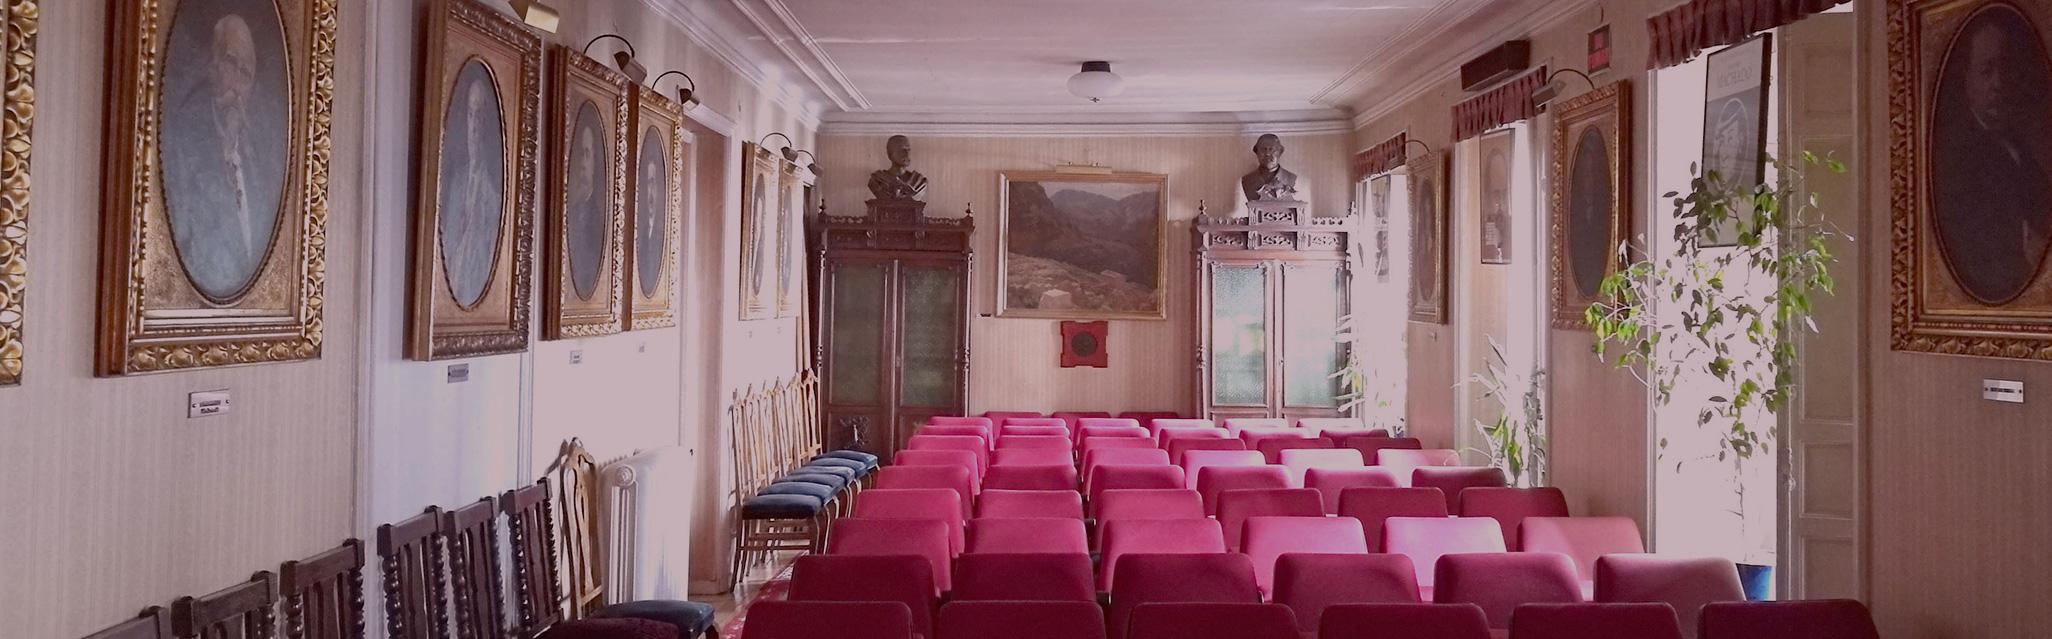 Salón de la Asociación de Escritores y Artista Españoles (AEAE)